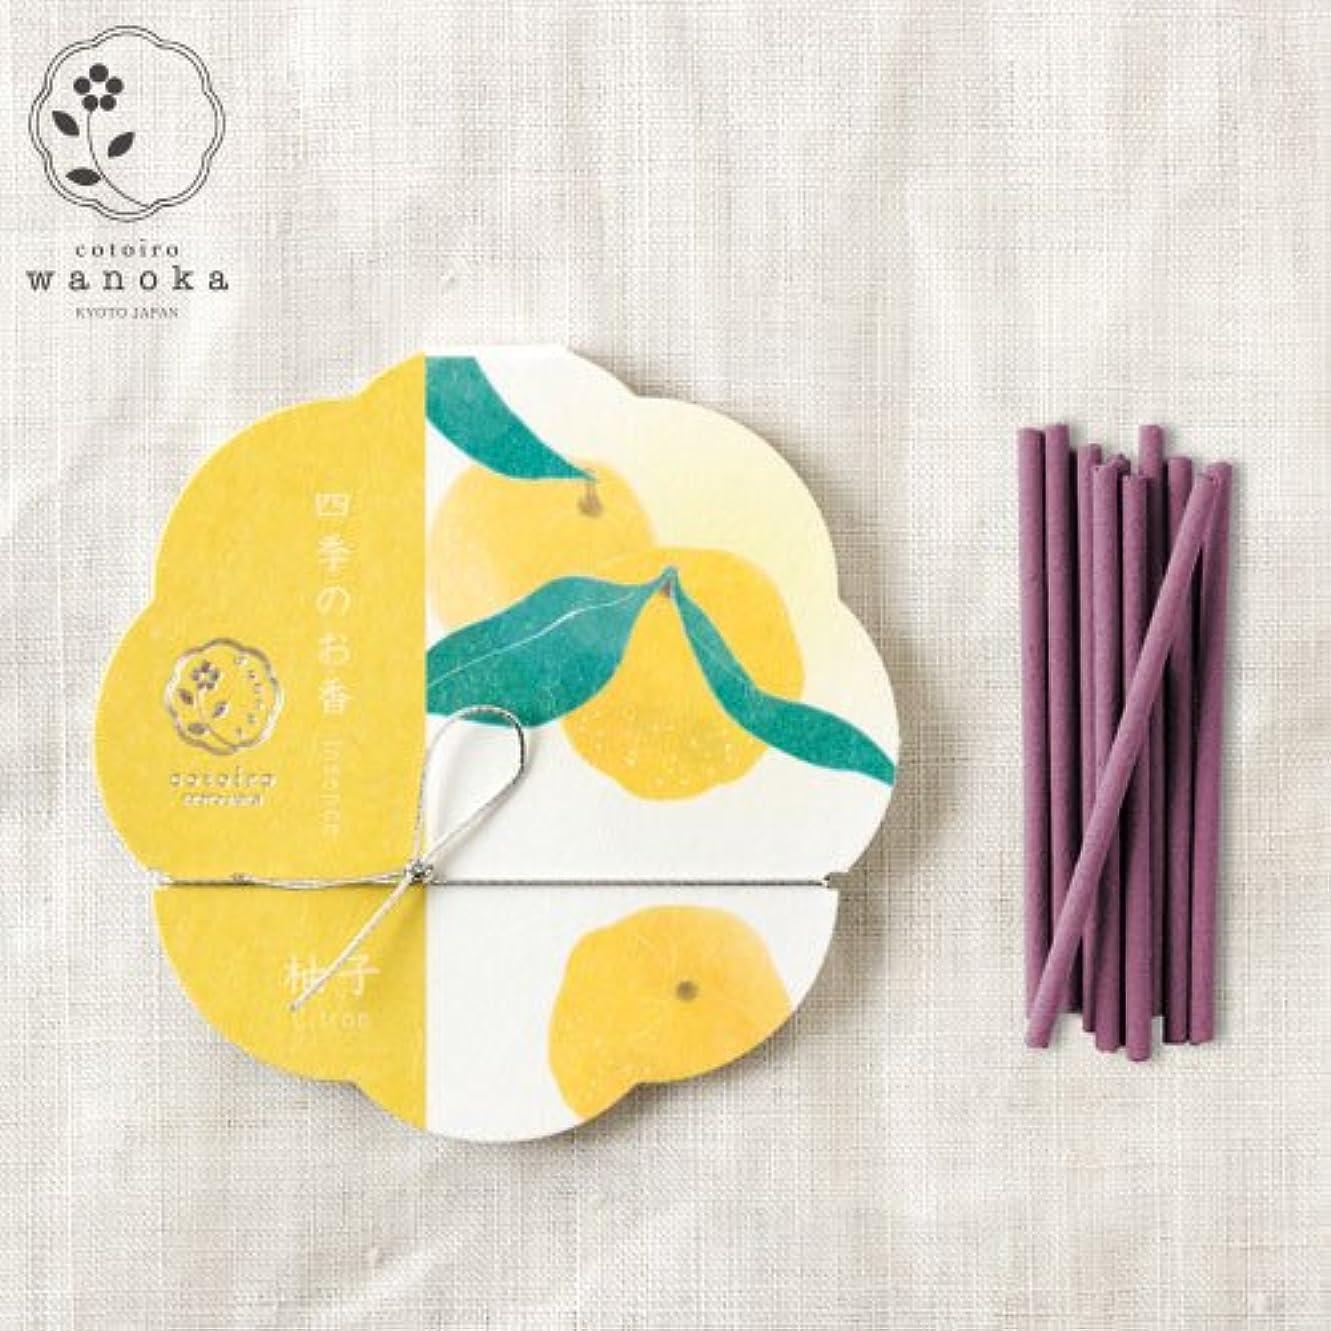 水同一の強調するwanoka四季のお香(インセンス)柚子《柚子をイメージした柑橘系の香り》ART LABIncense stick